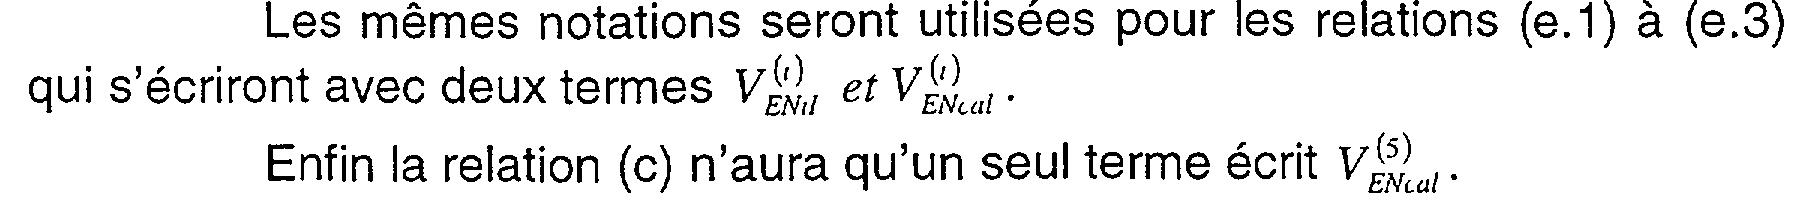 Figure img00150005